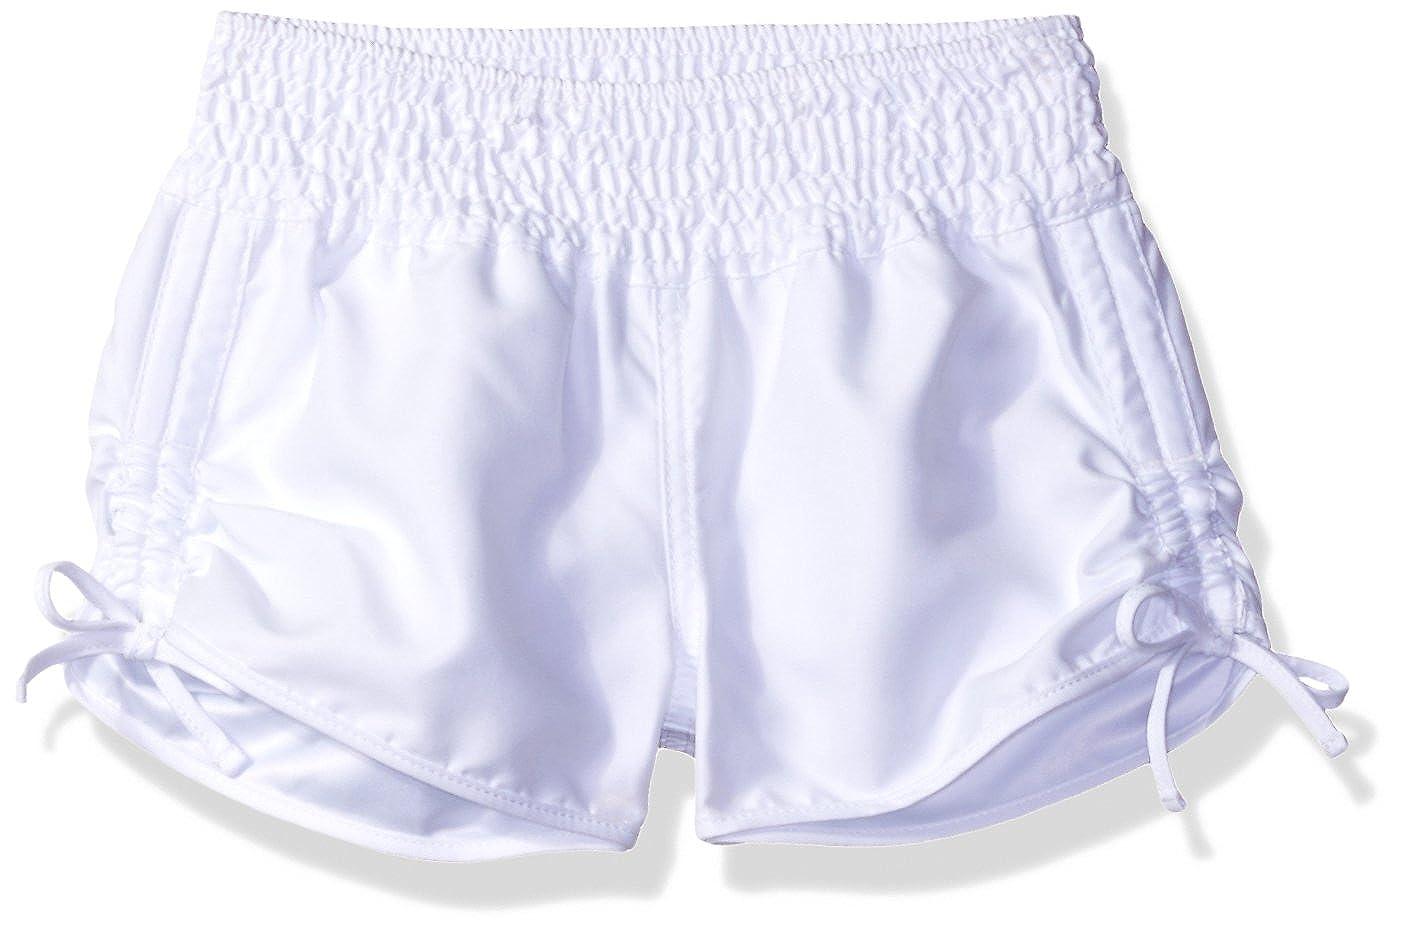 O'Neill Girls' Big Splash Boardshort White SP7806002